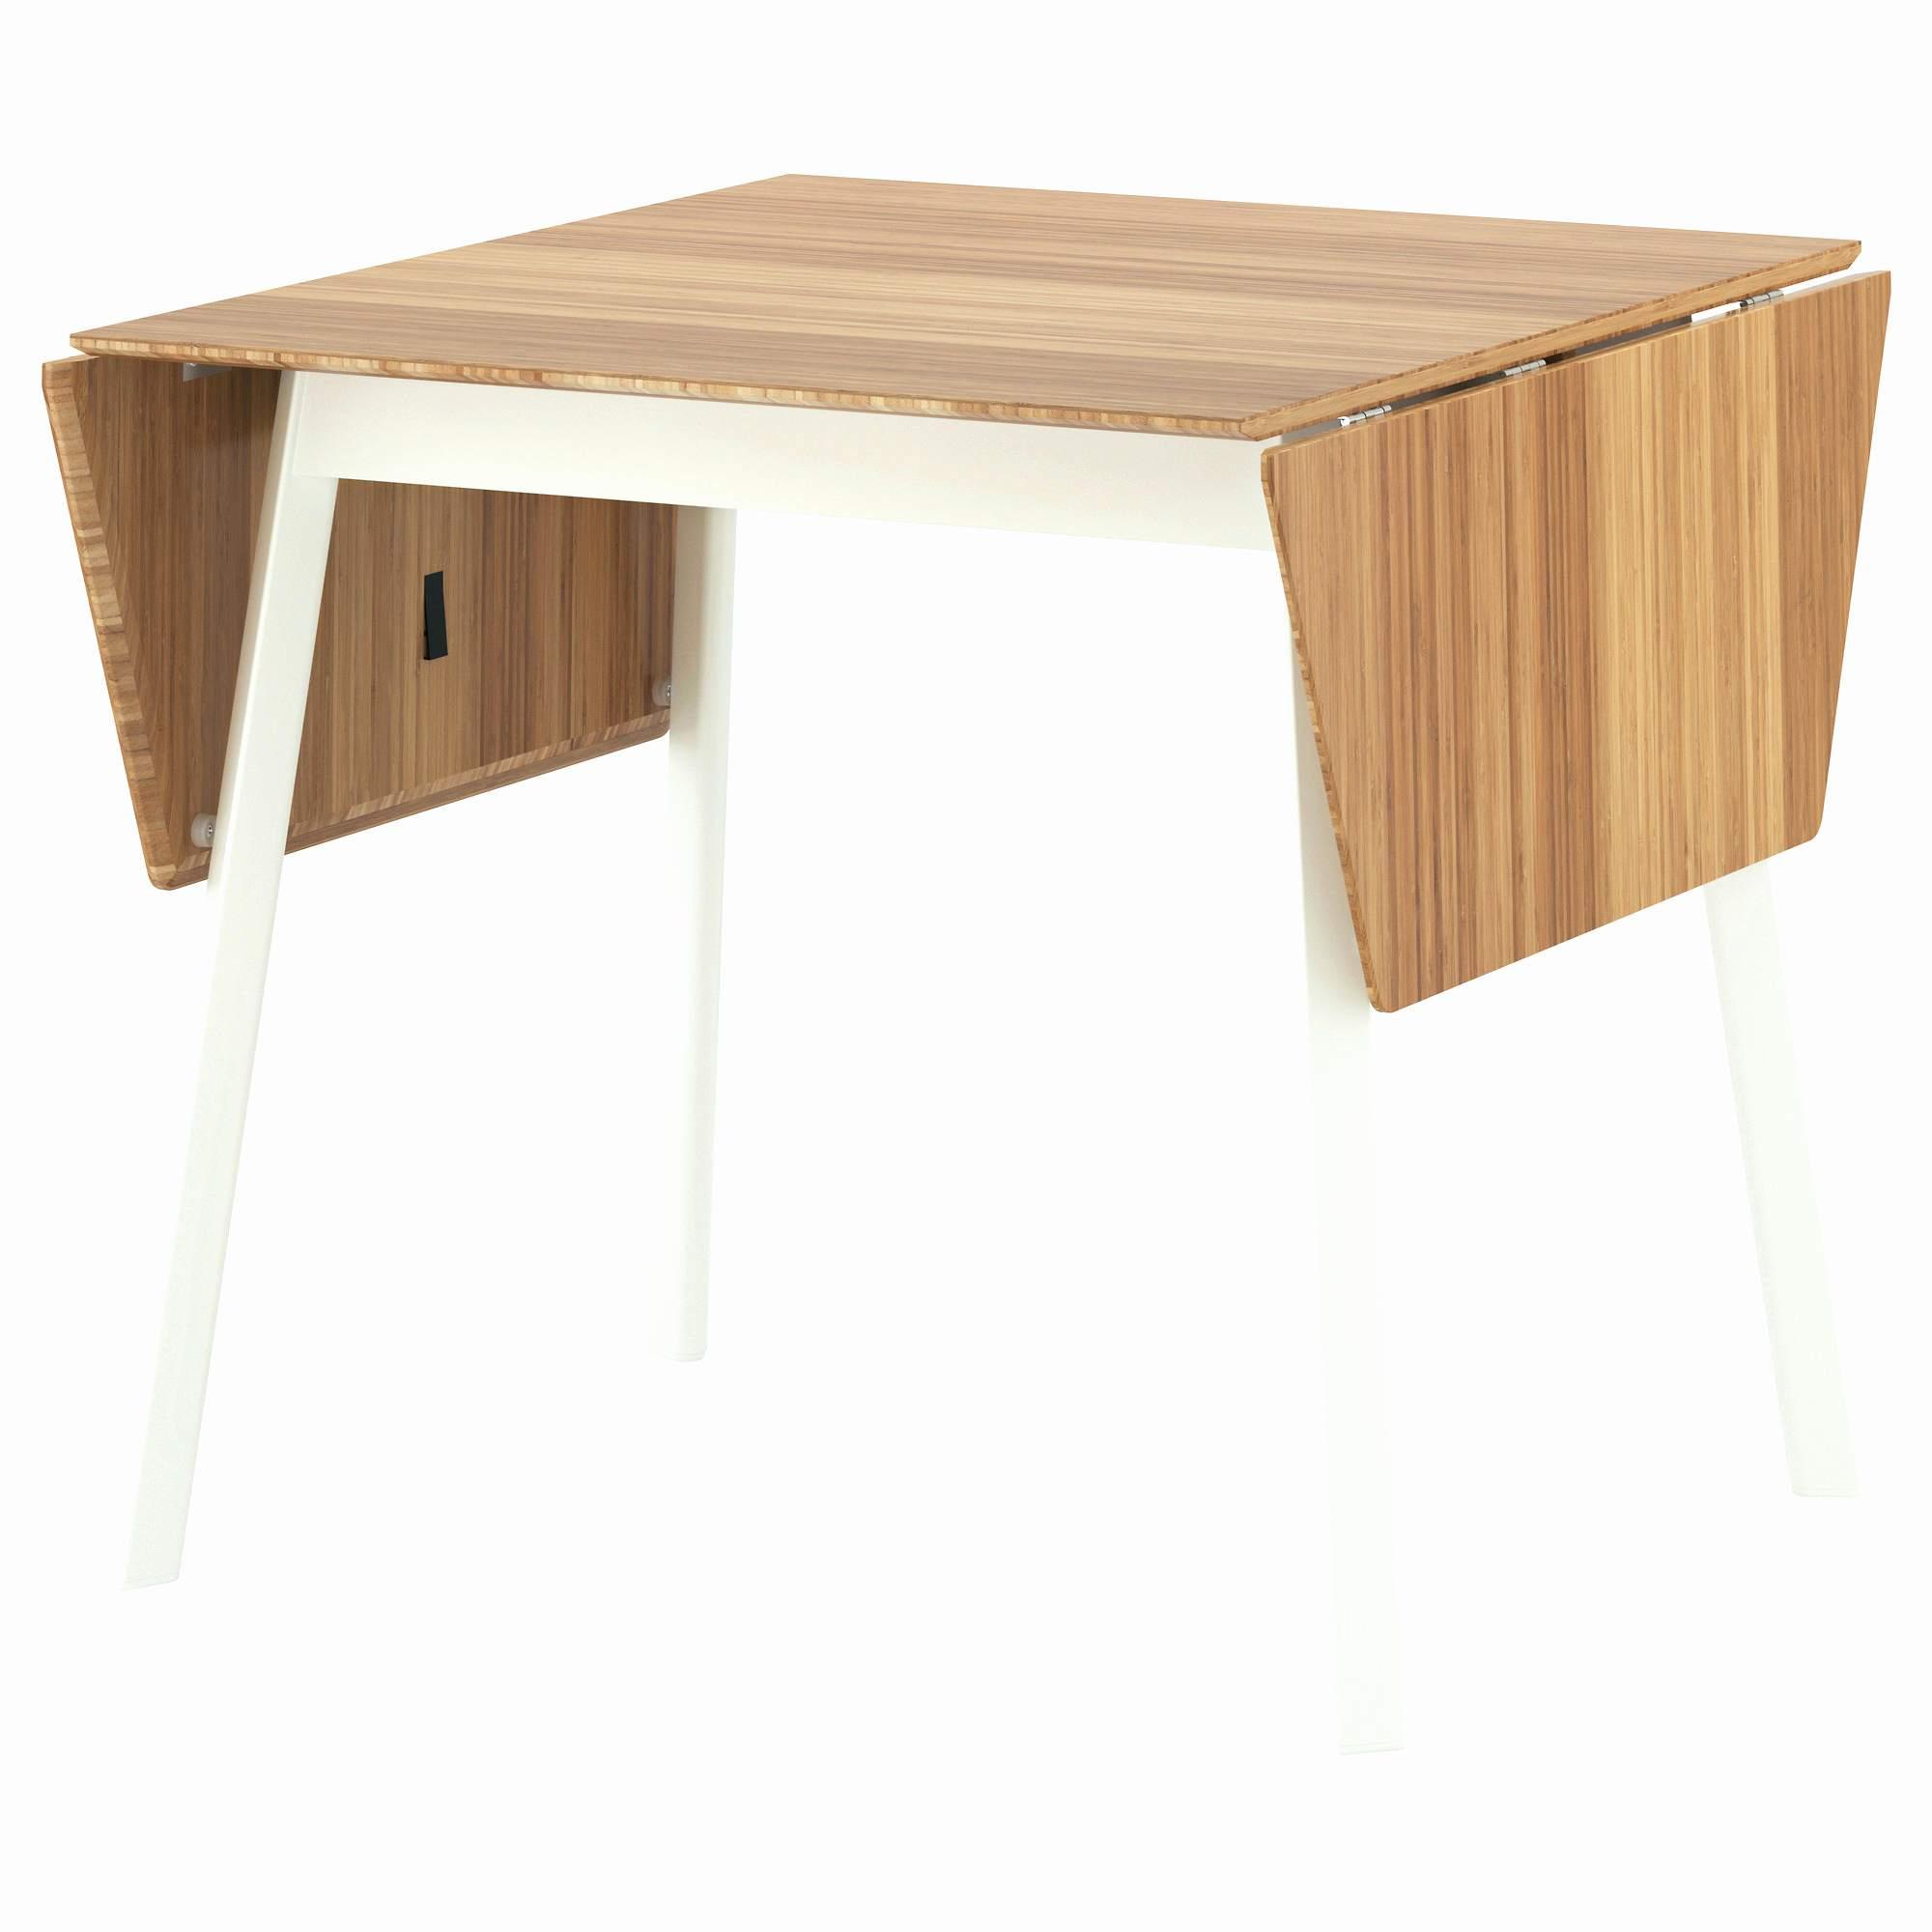 Table Kettler solde Beau Collection Jardin Pas Cher Luxe Abris De Jardin Brico Depot Cloture Jardin Luxe